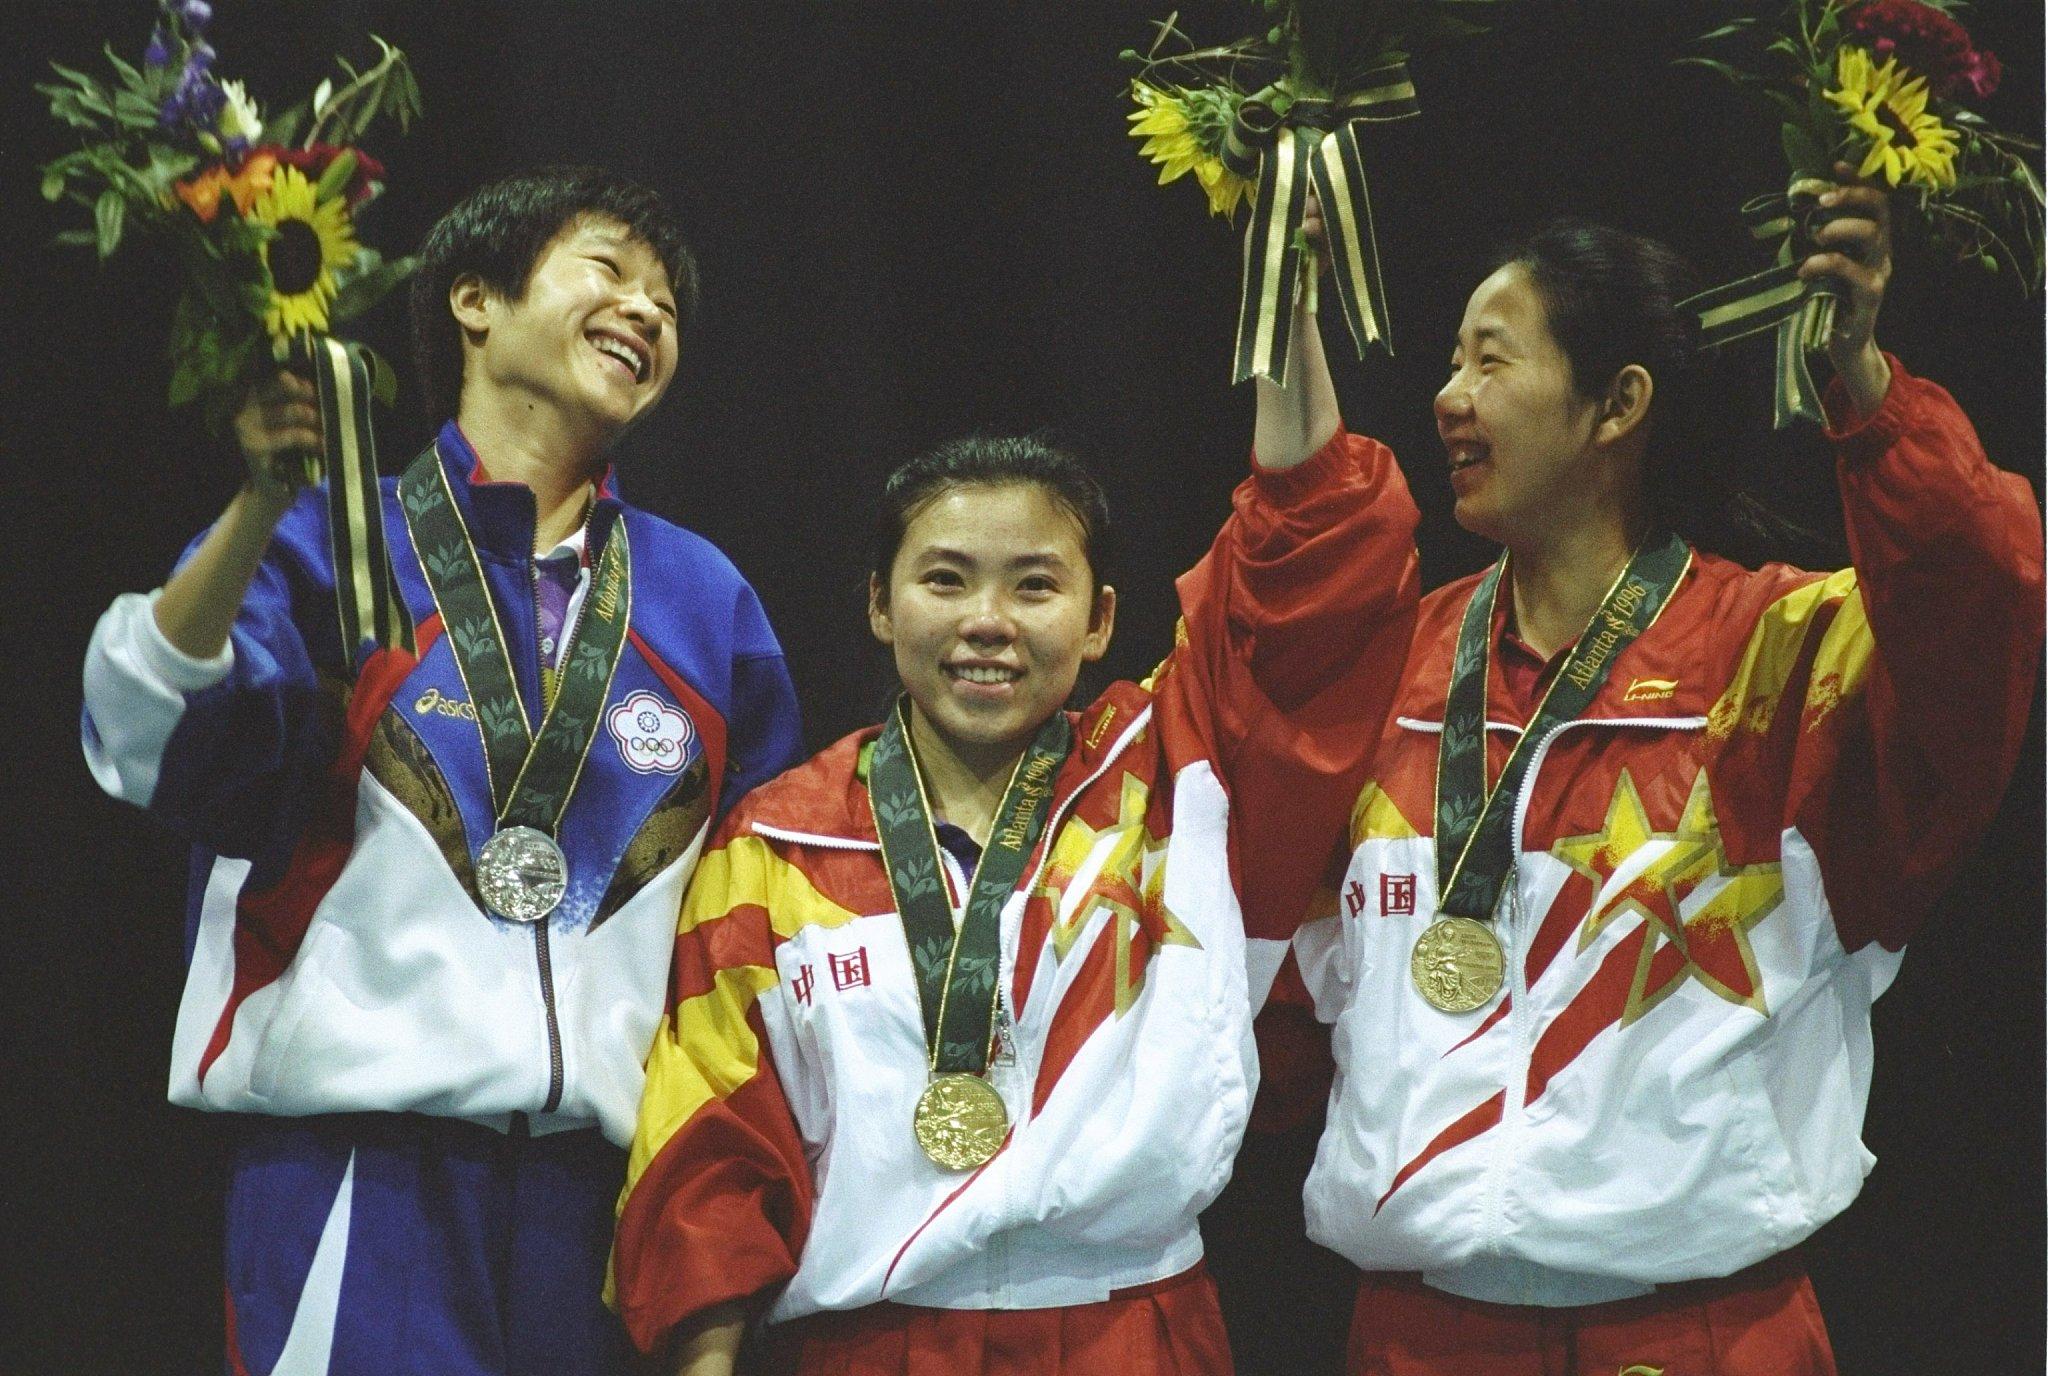 Deng Yaping levou o ouro em 1996 (Crédito: CFP)